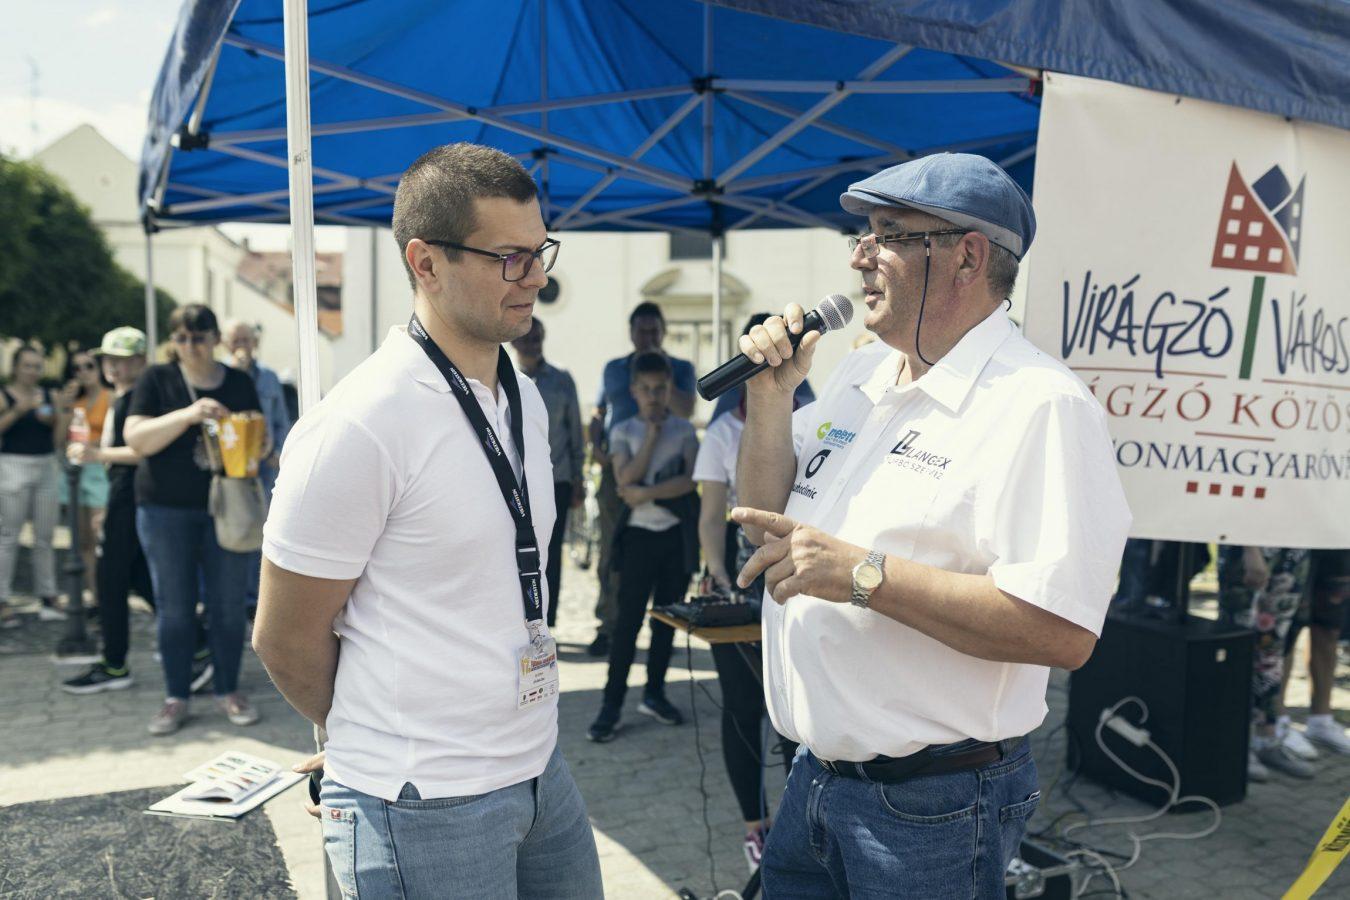 Otto Olar, Teilhaber der Firma Vehicle-Experts